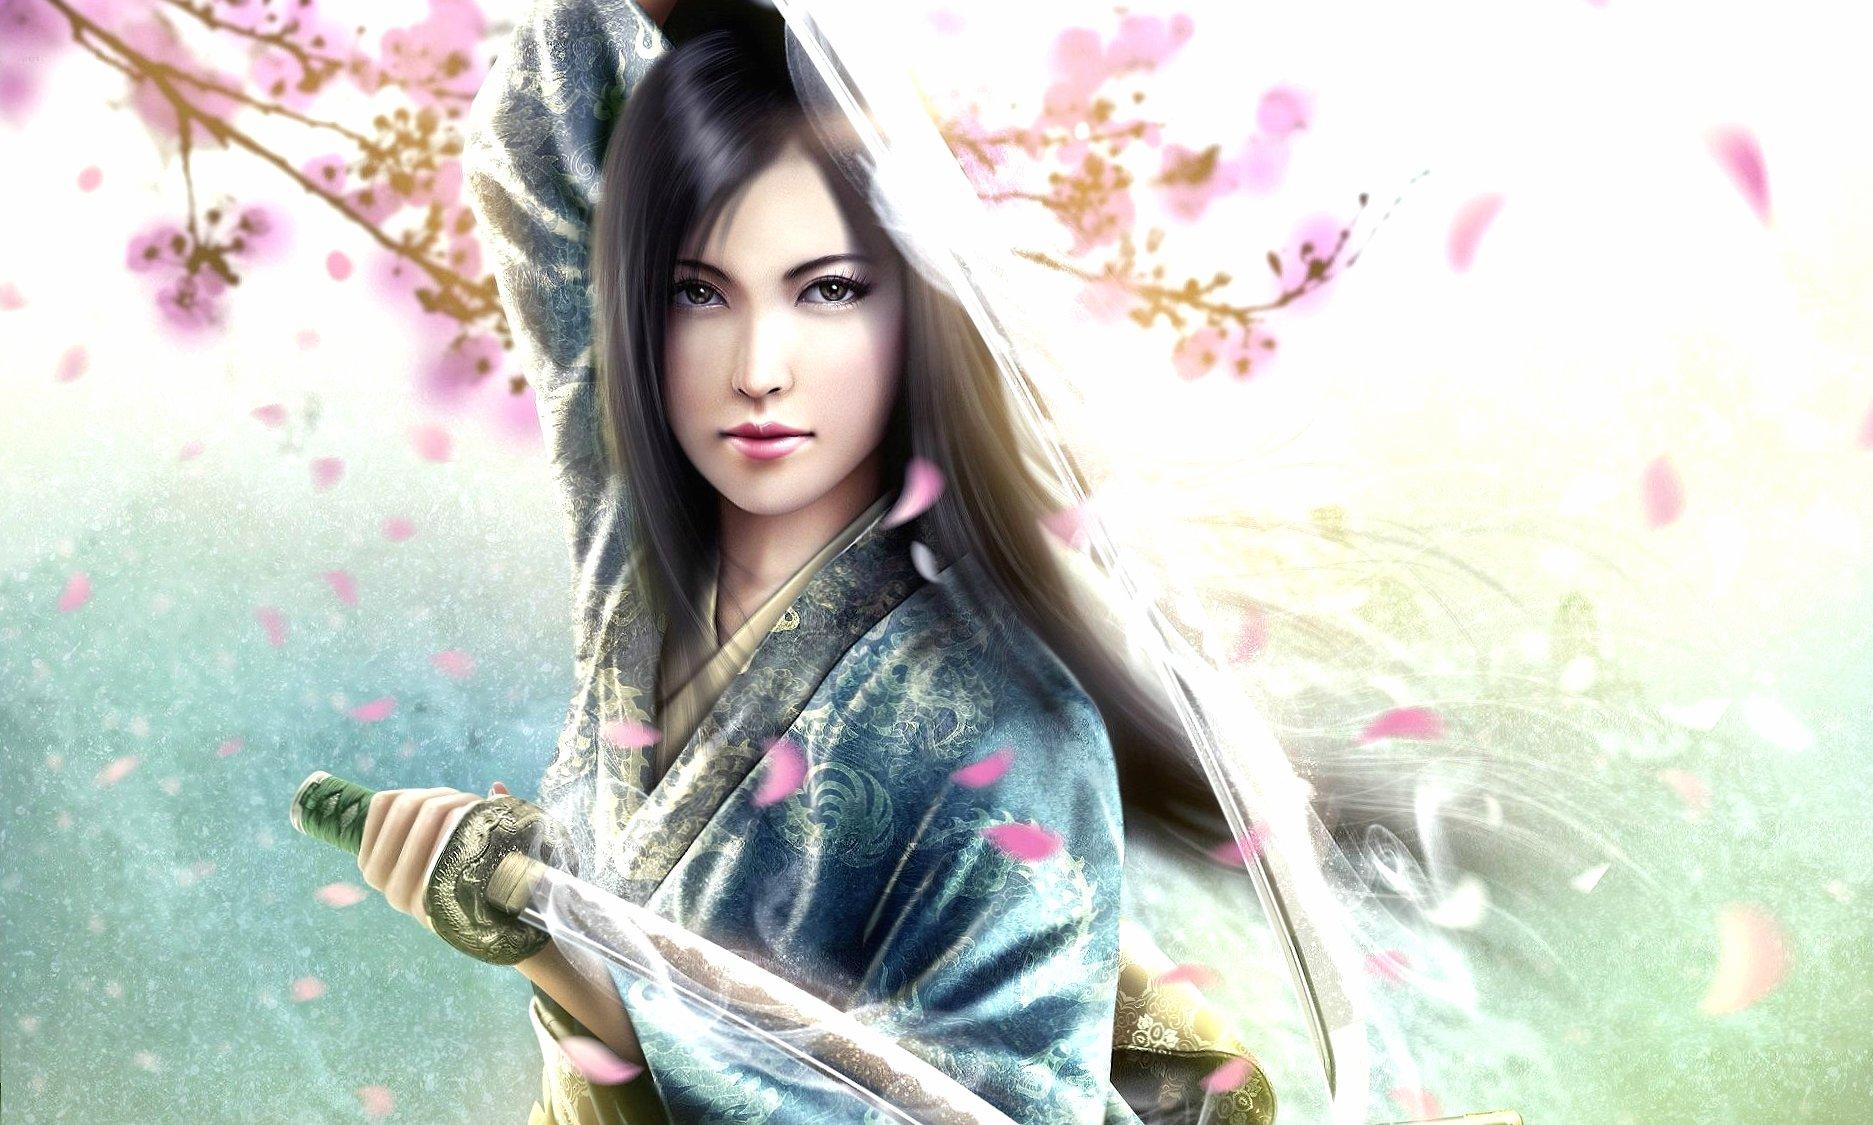 Kimono samurai girl wallpapers HD quality